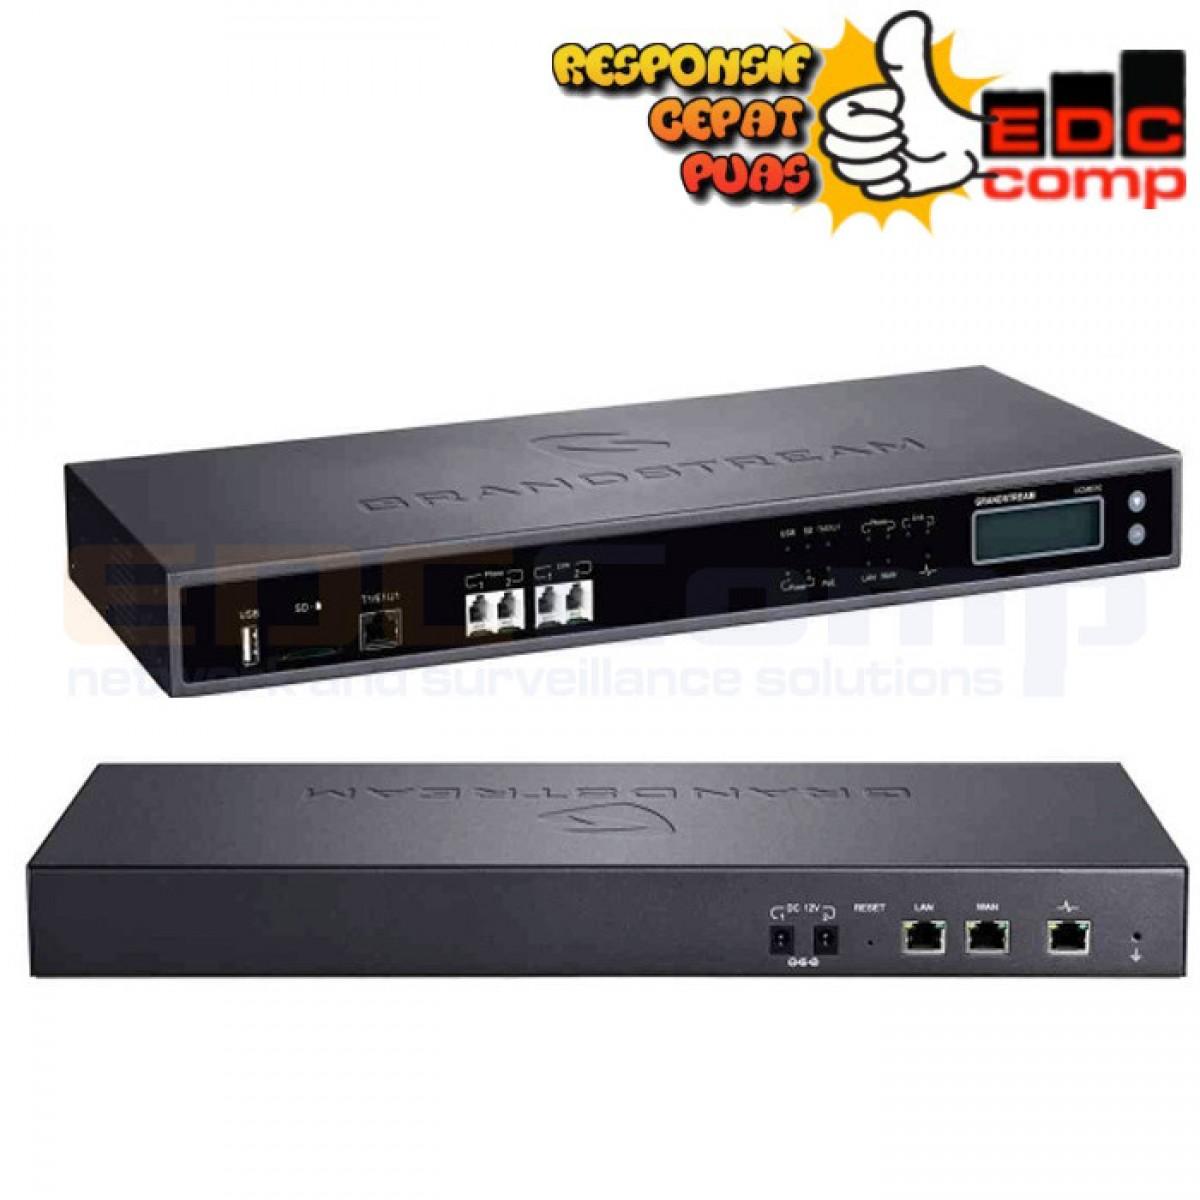 Grandstream UCM6510 IP-PBX 1T1/E1/J1 2-FXO & 2-FXS UpTo 200 Call - EdcComp